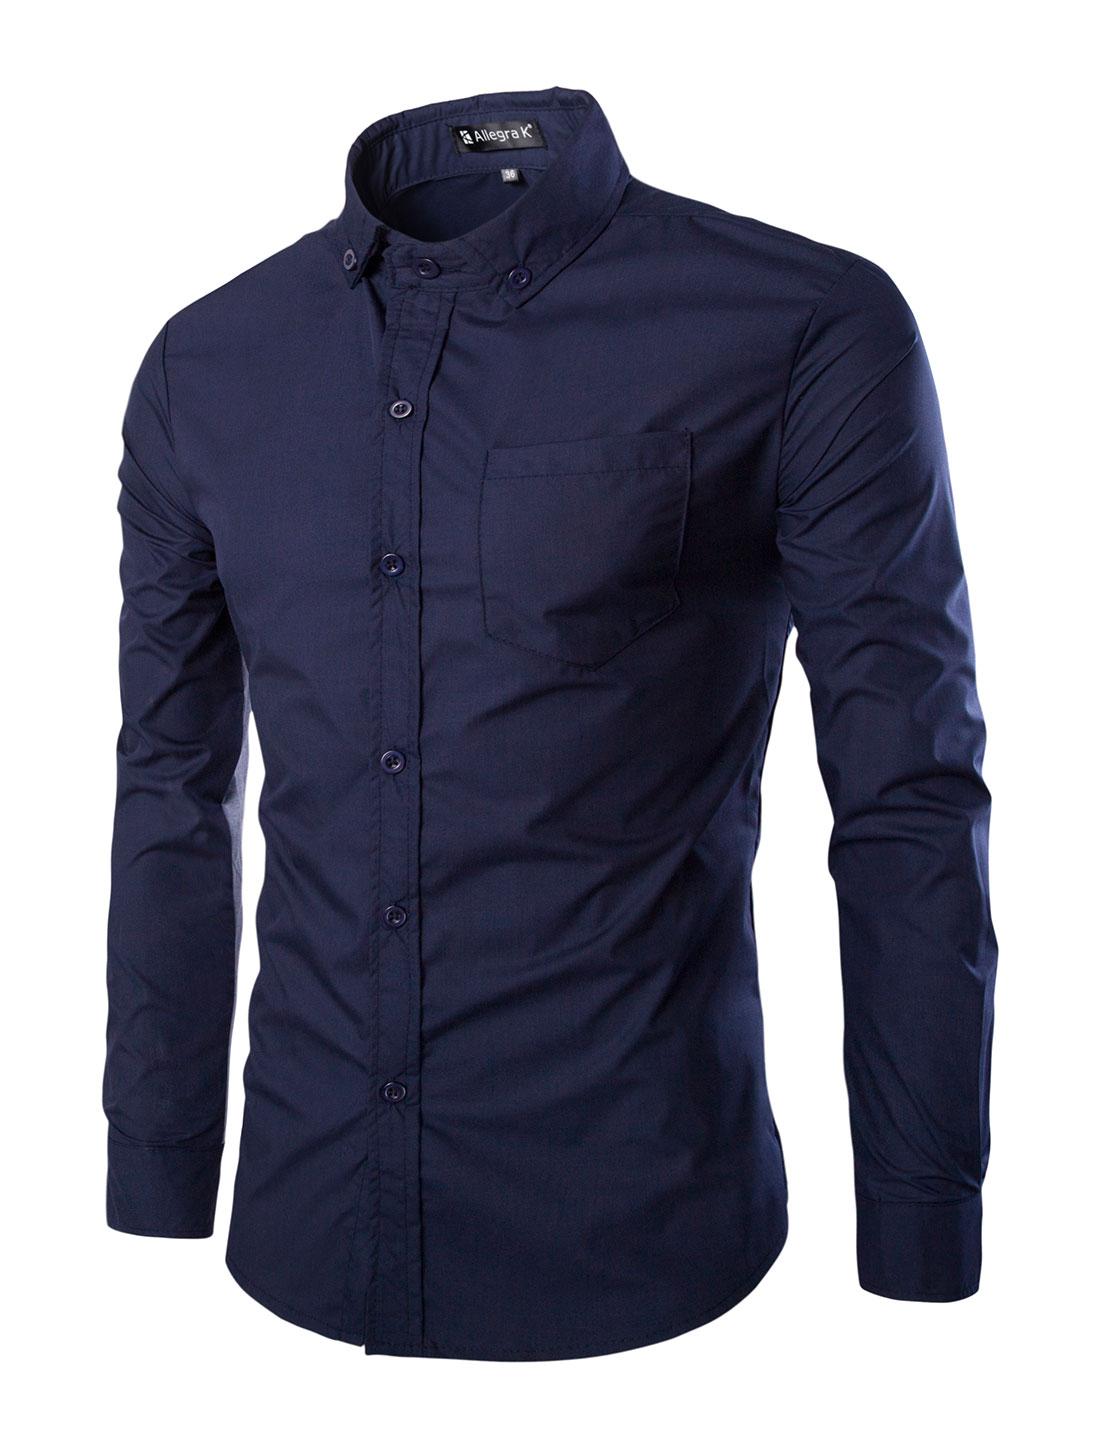 Men Contrast Color Long Sleeves Slim Fit Shirt w Pocket Blue M